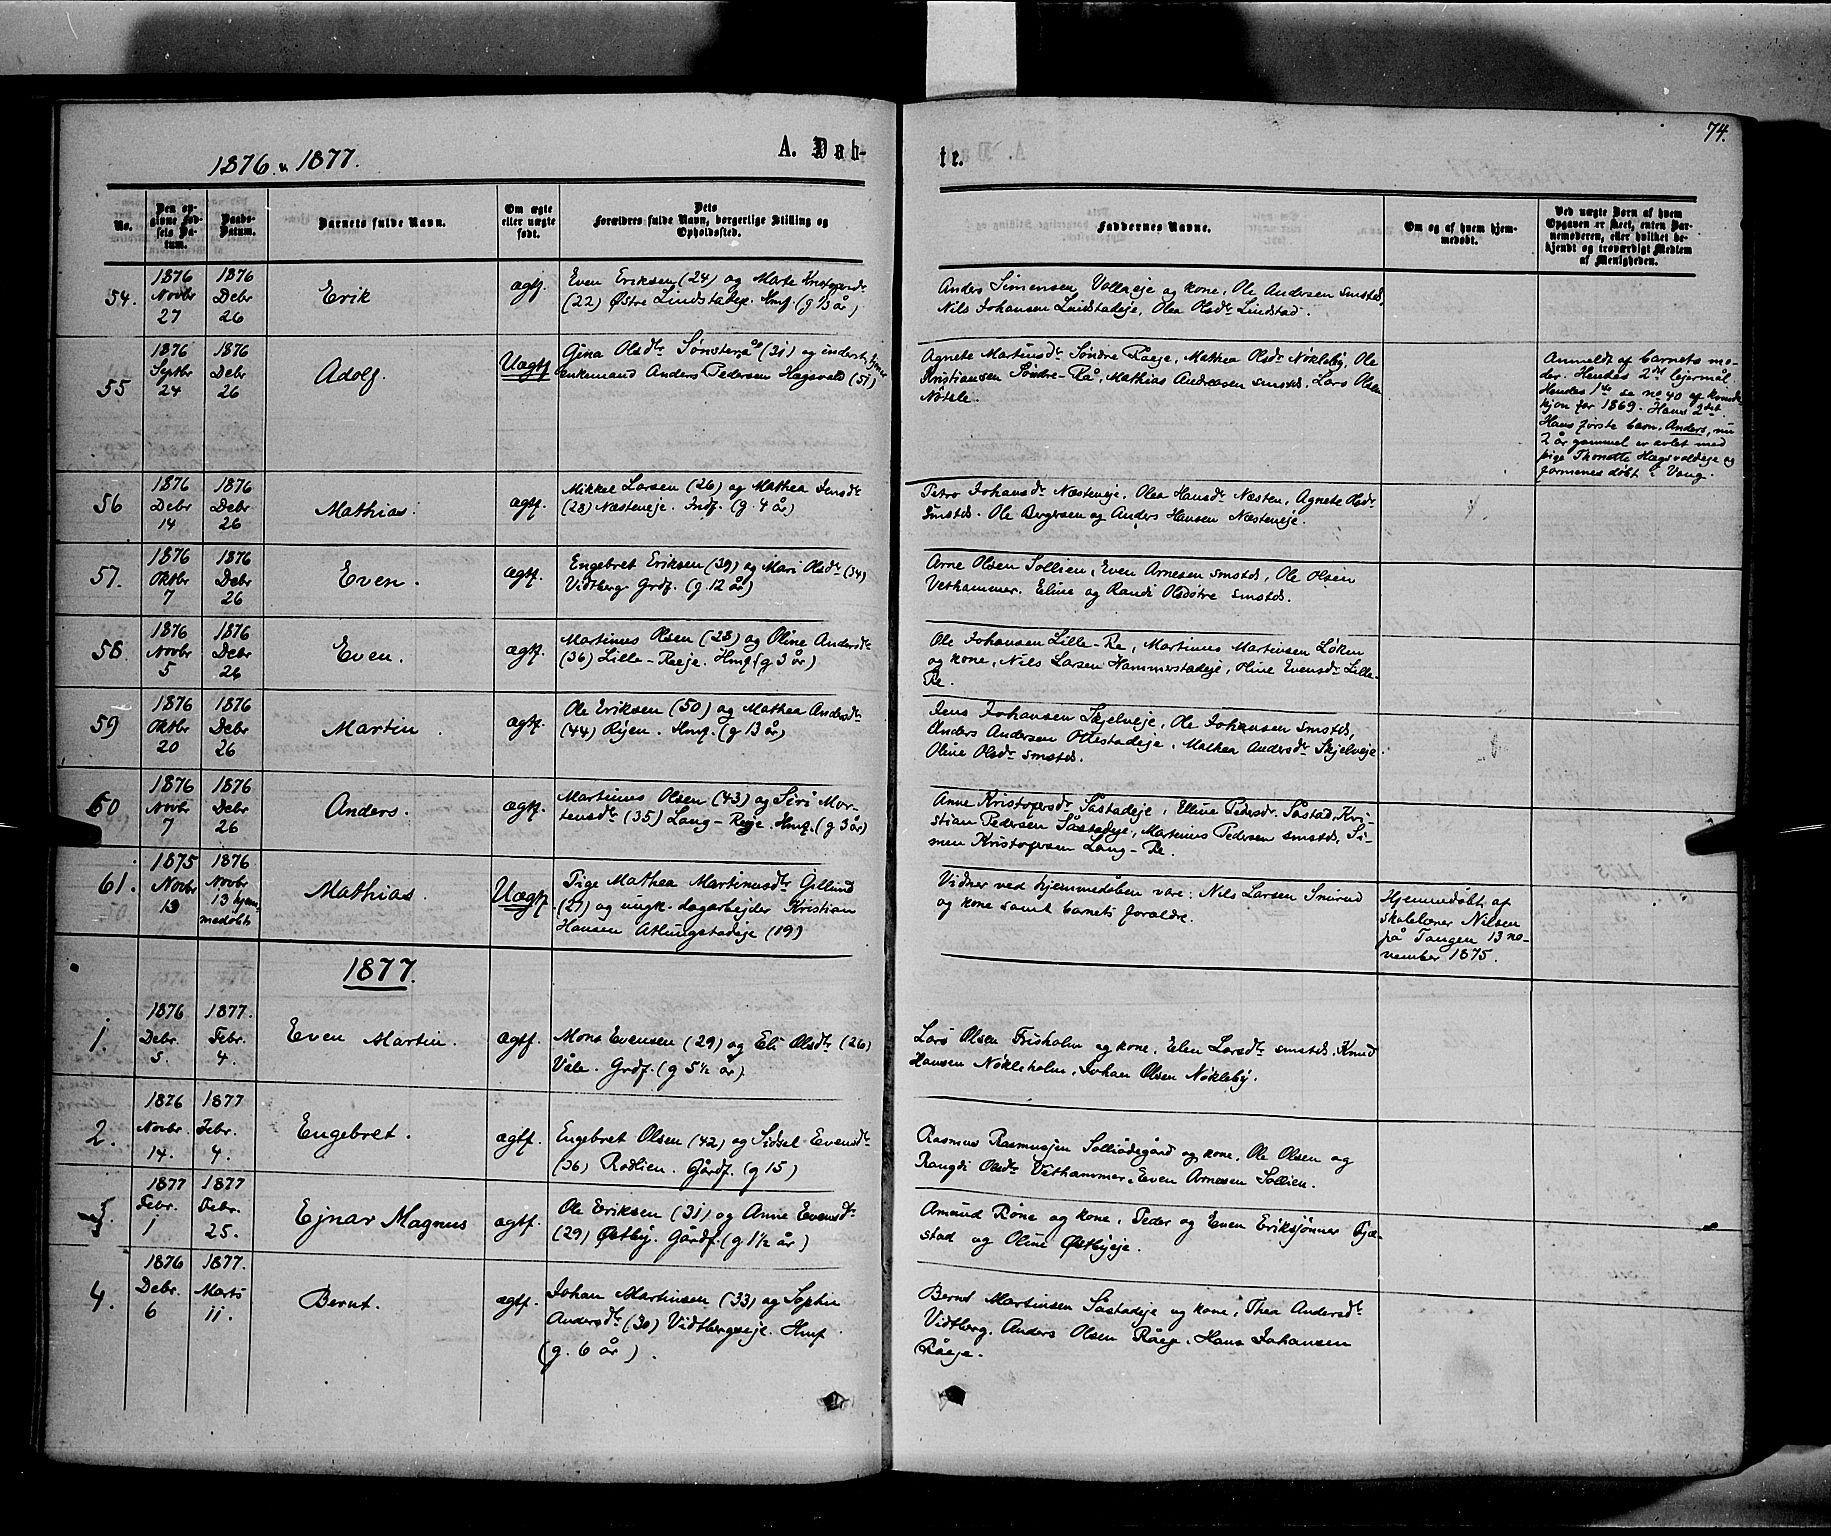 SAH, Stange prestekontor, K/L0013: Parish register (official) no. 13, 1862-1879, p. 74